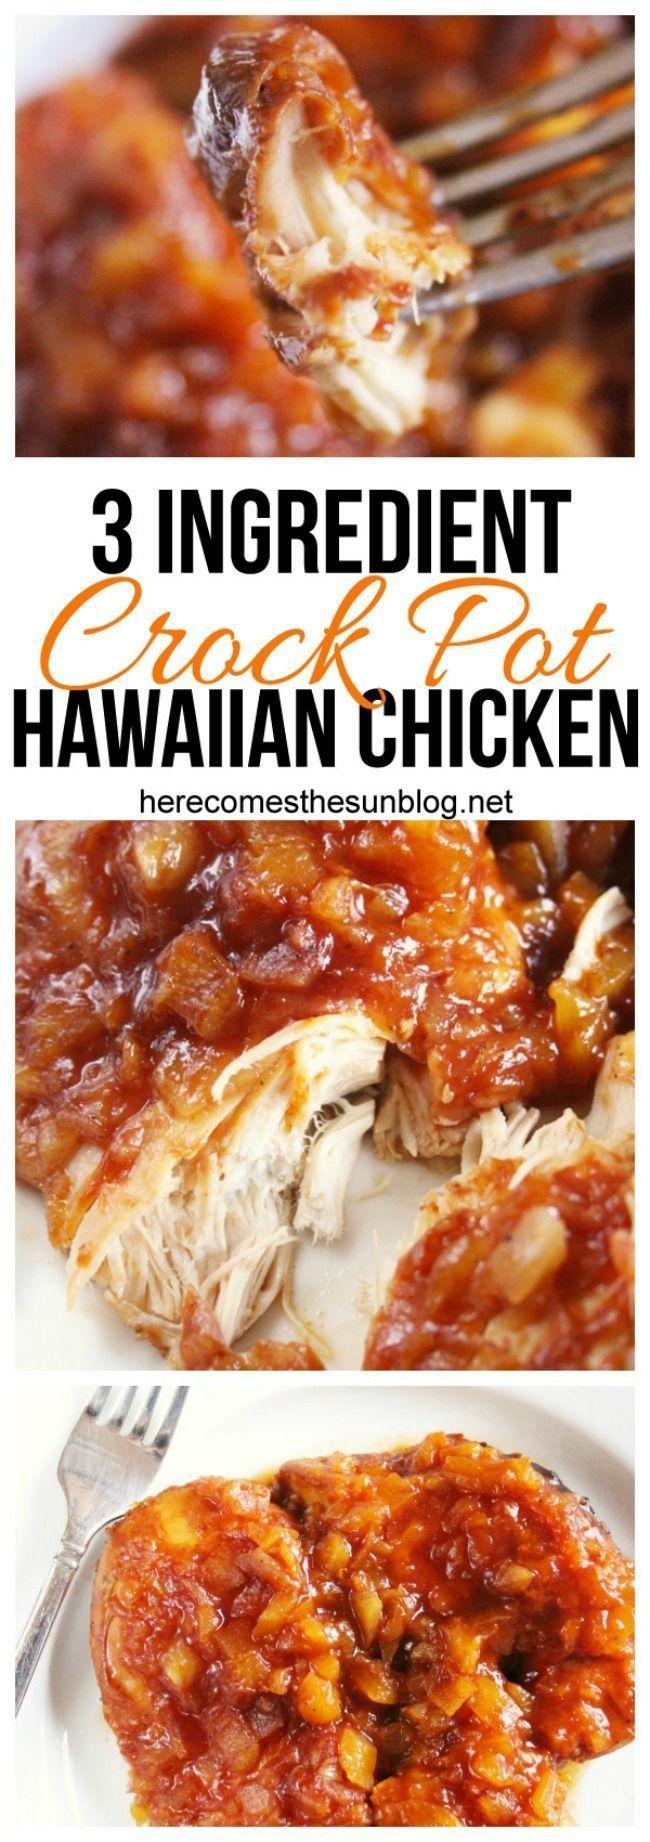 3 Ingredient Hawaiian Chicken